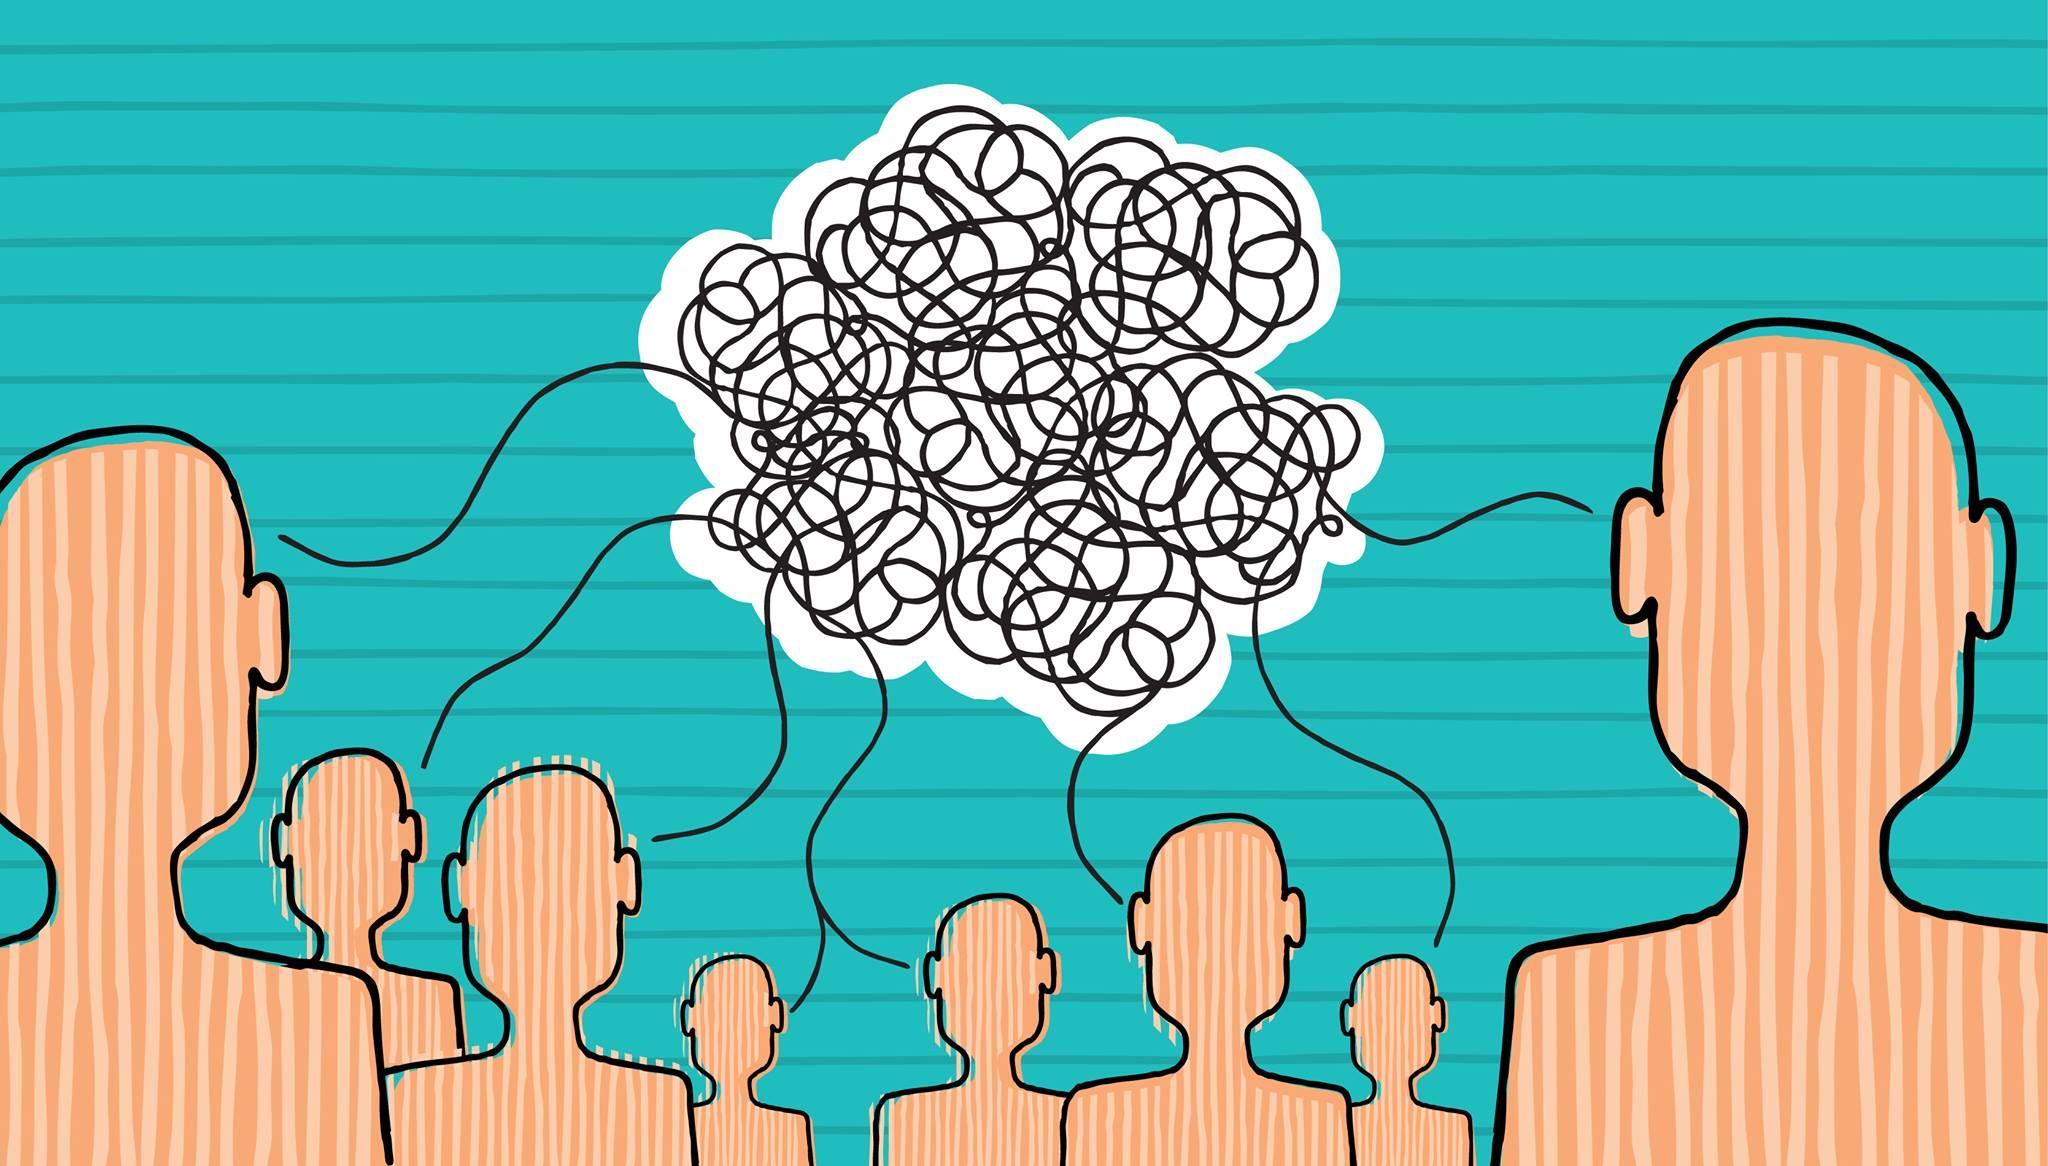 Así como bien manejada, la comunicación puede generar importantes resultados, los errores en la comunicación pueden causar grandes estragos.